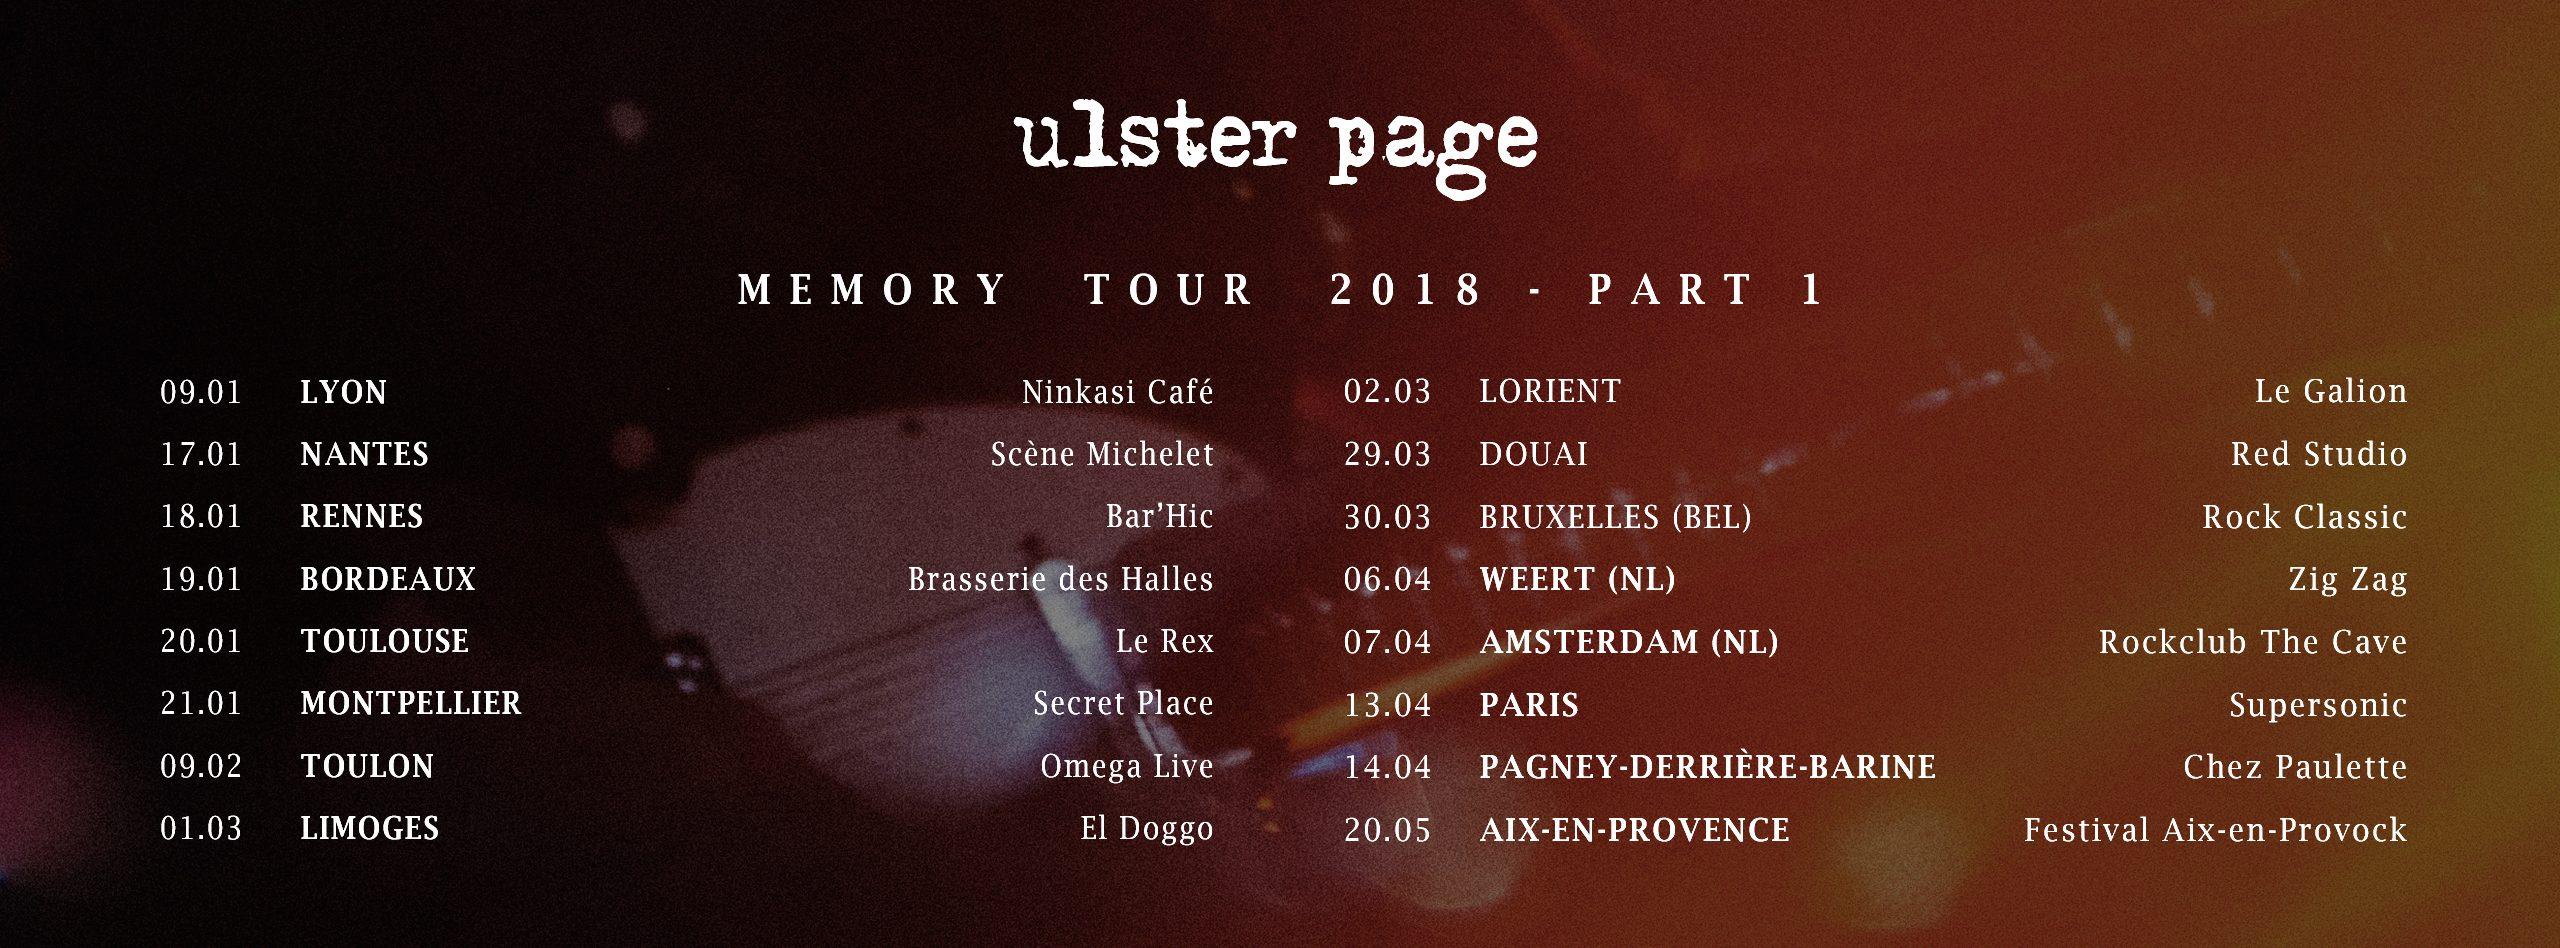 MEMORY TOUR 2018 PART 1